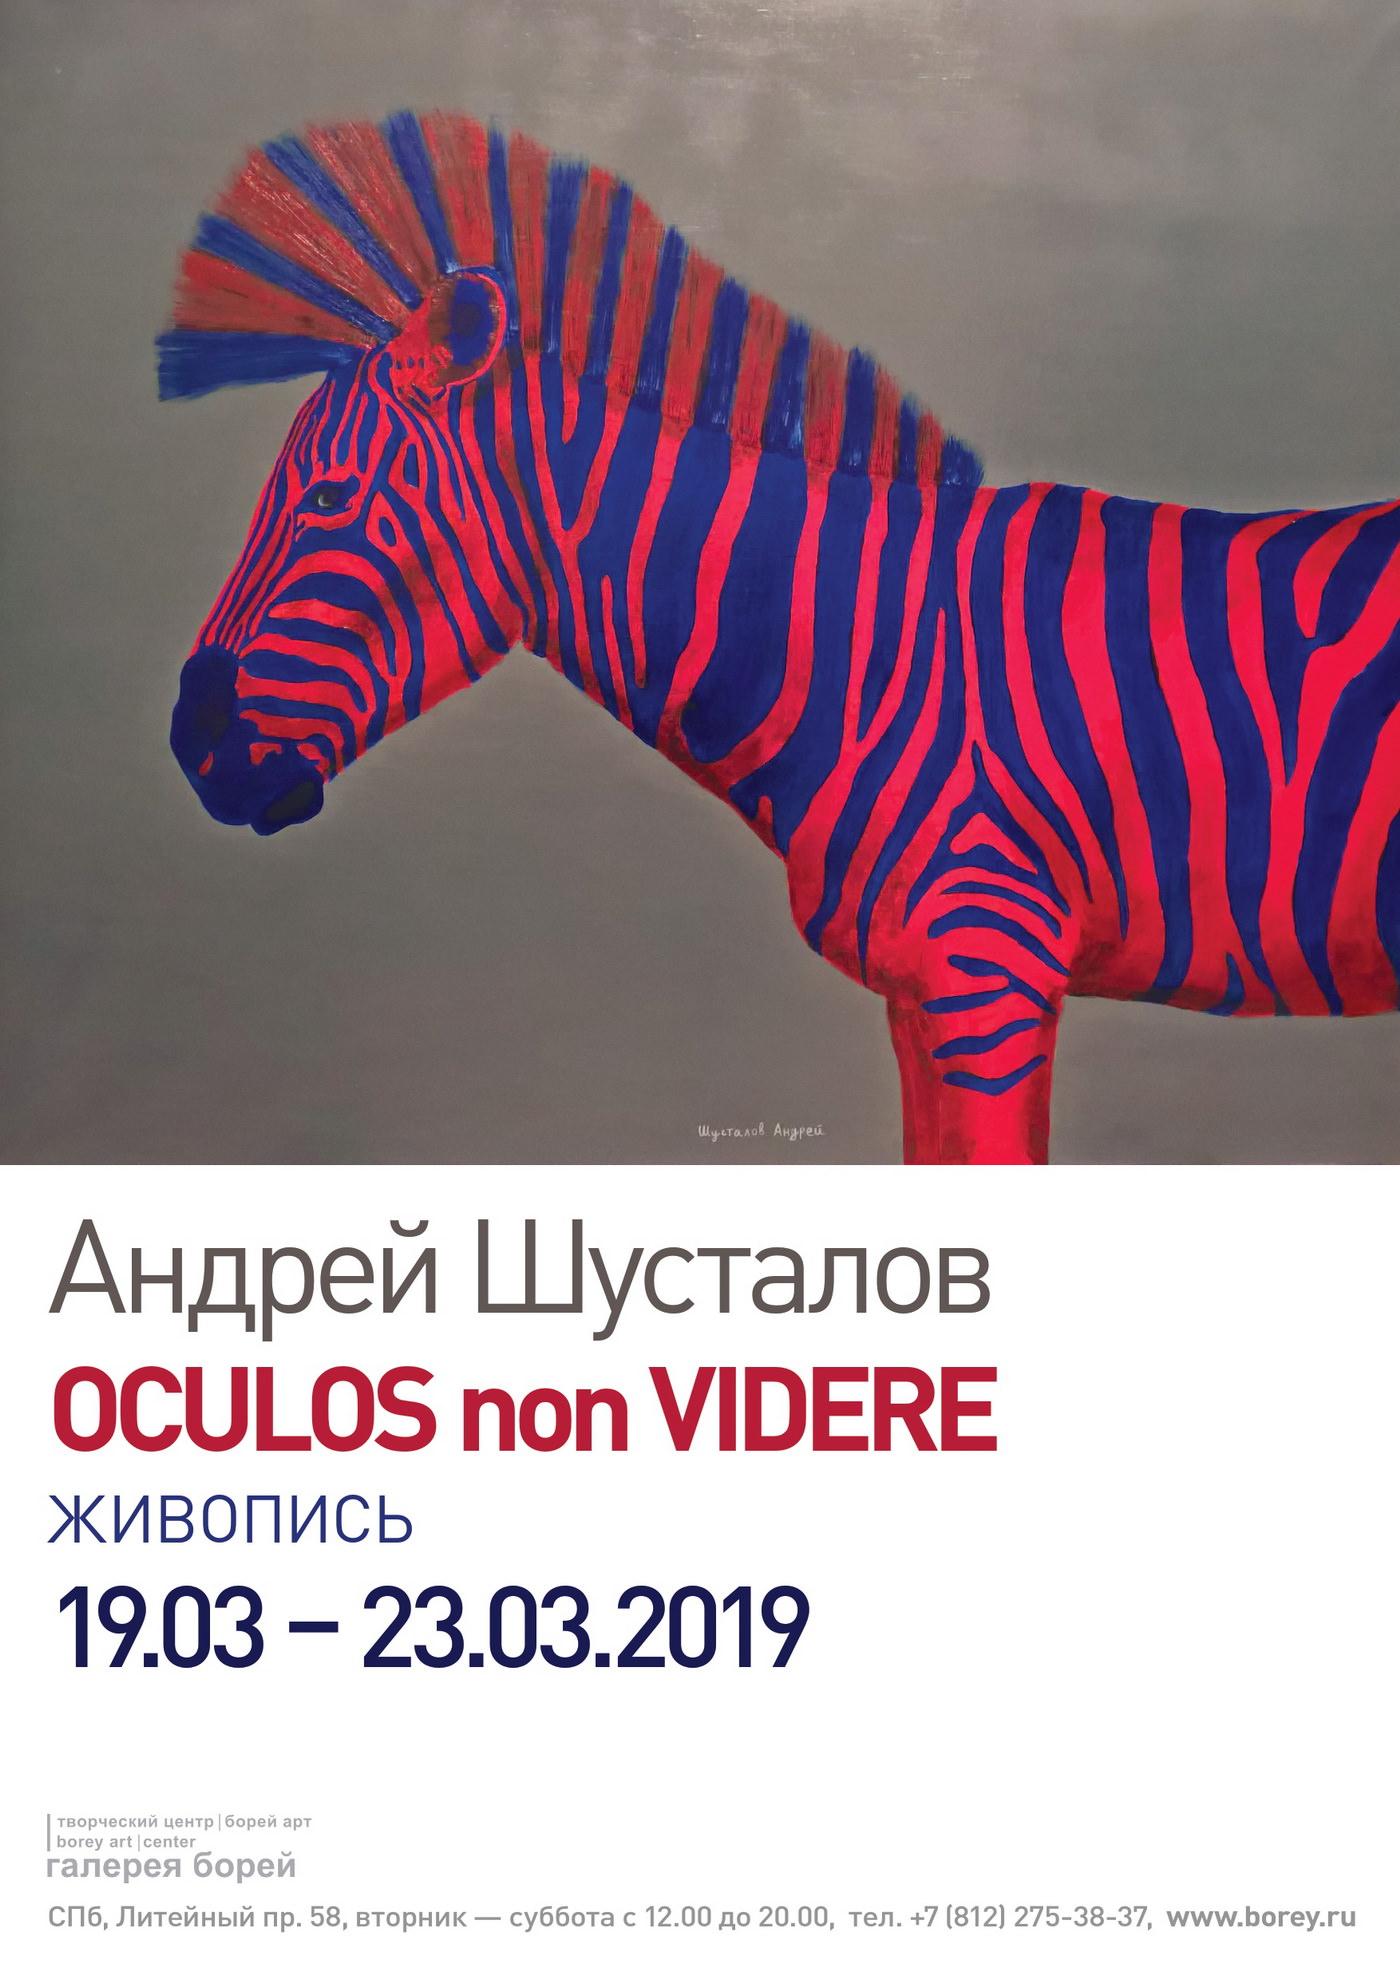 Andrey Shustalov. OCULOS NO VIDERE